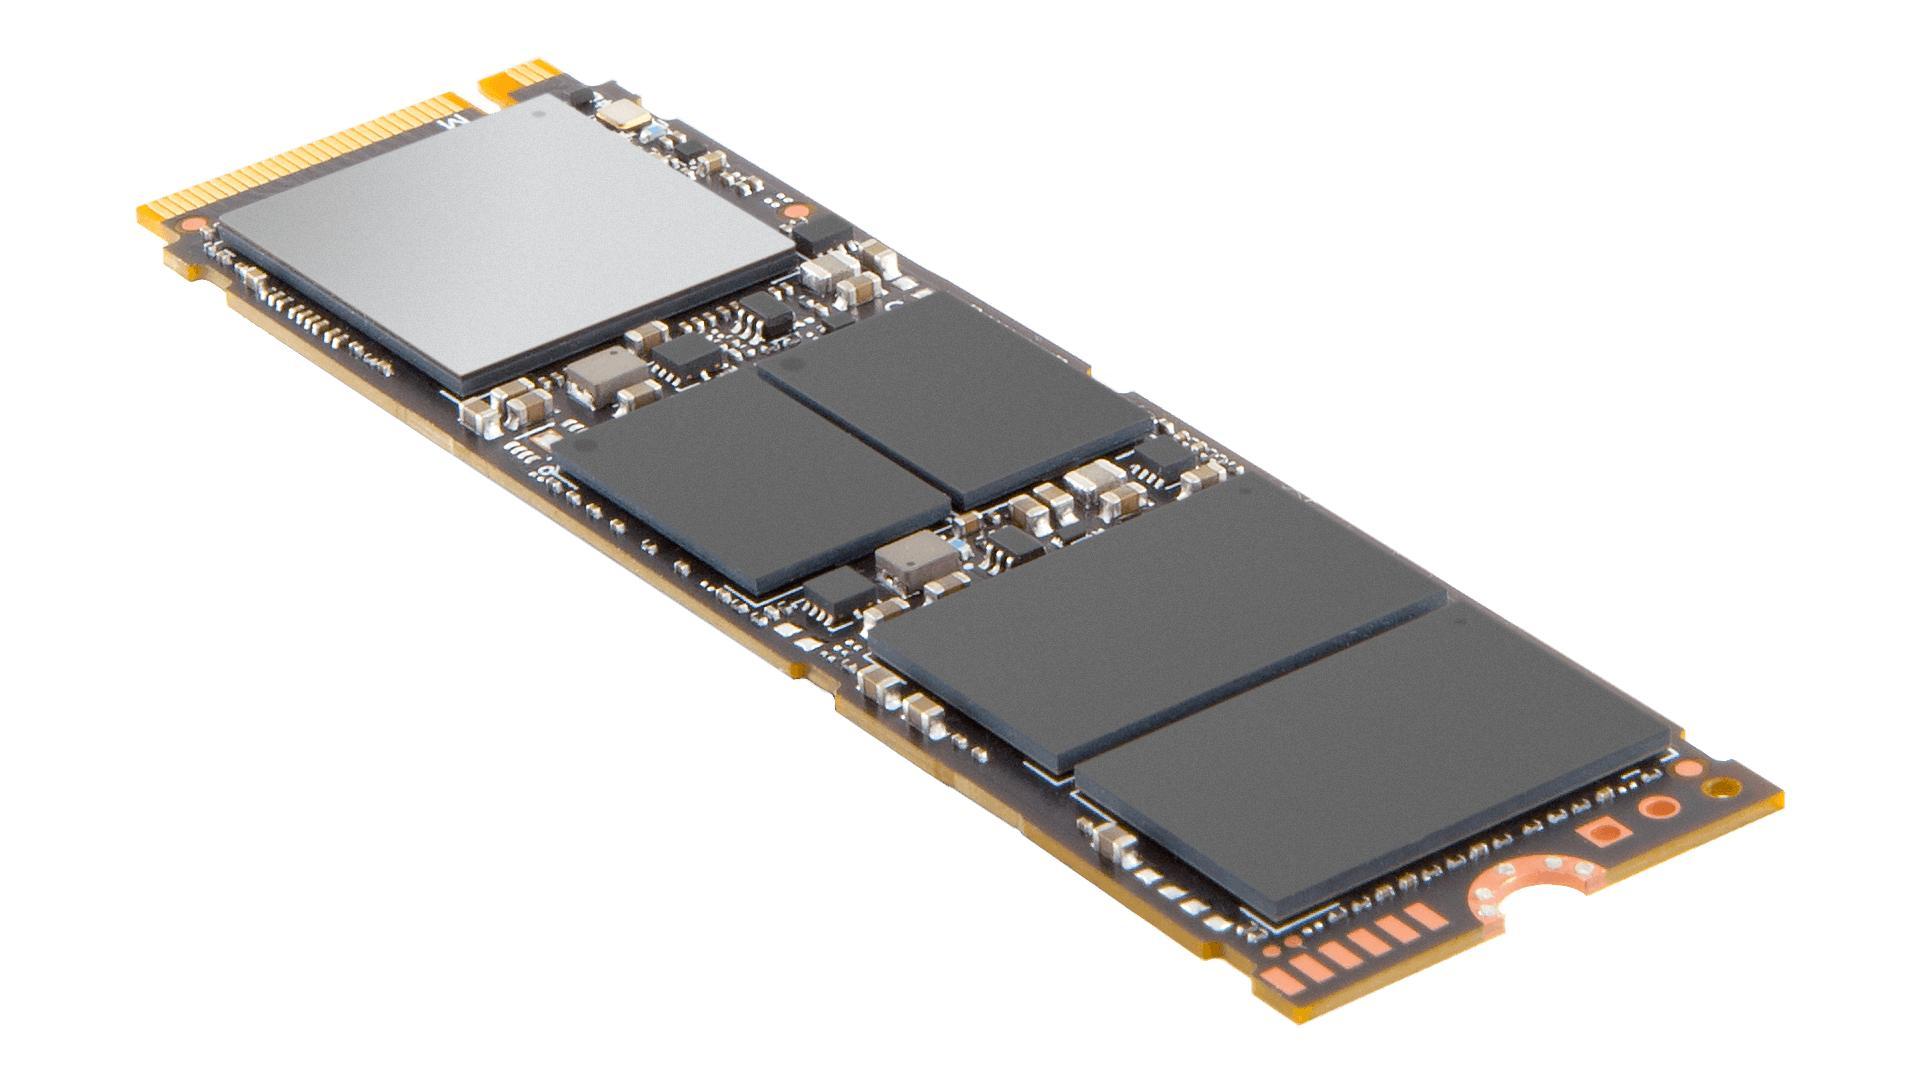 Ổ Cứng SSD Intel 760P NVMe M.2 2280 (512GB) - Hàng Nhập Khẩu